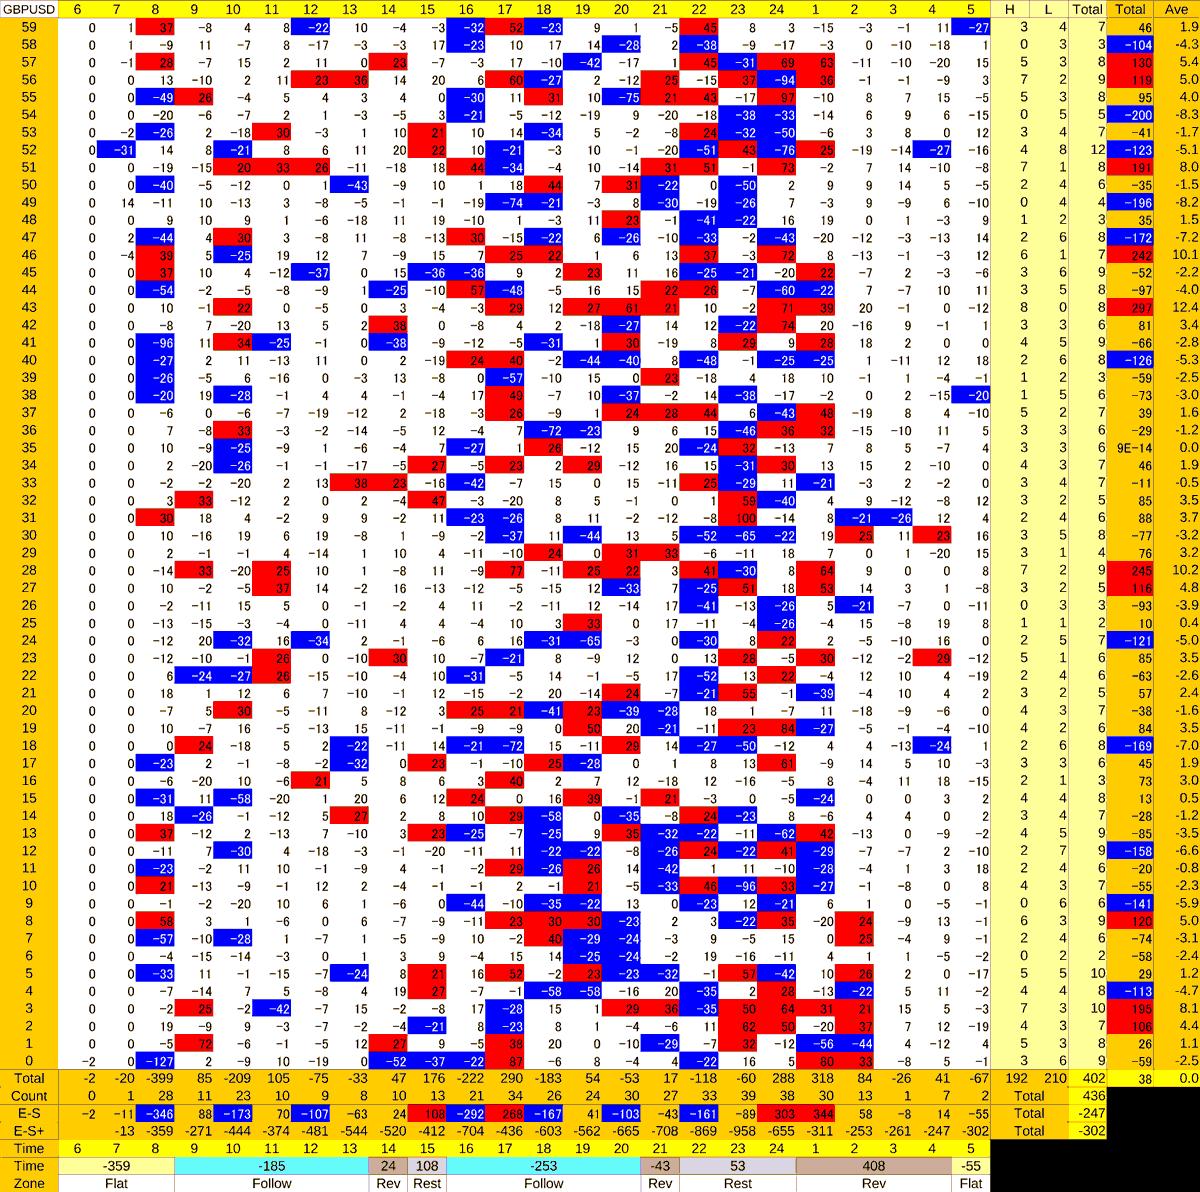 20210111_HS(2)GBPUSD